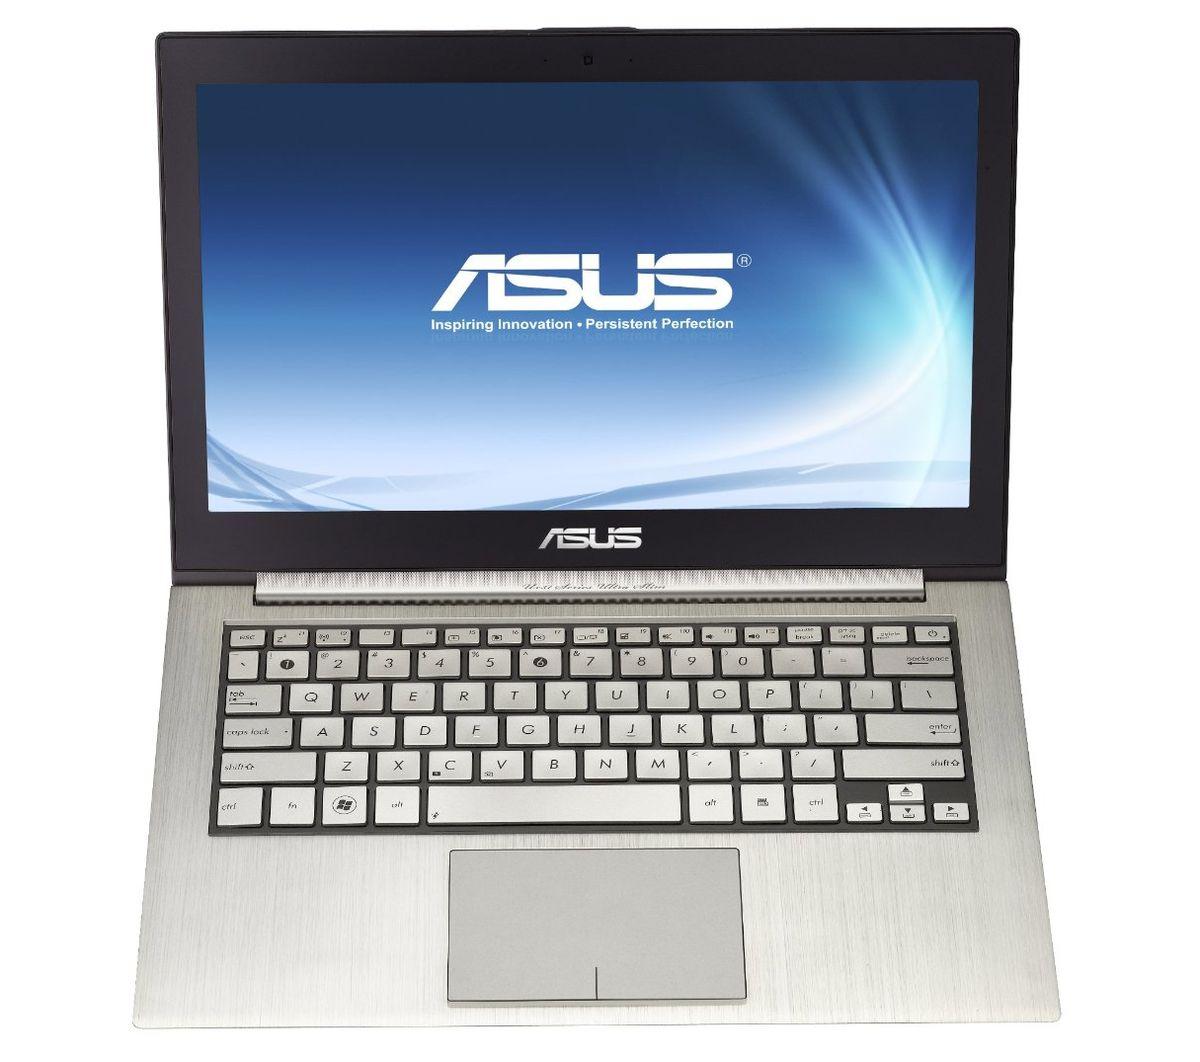 Asus Zenbook UX21E-KX002V